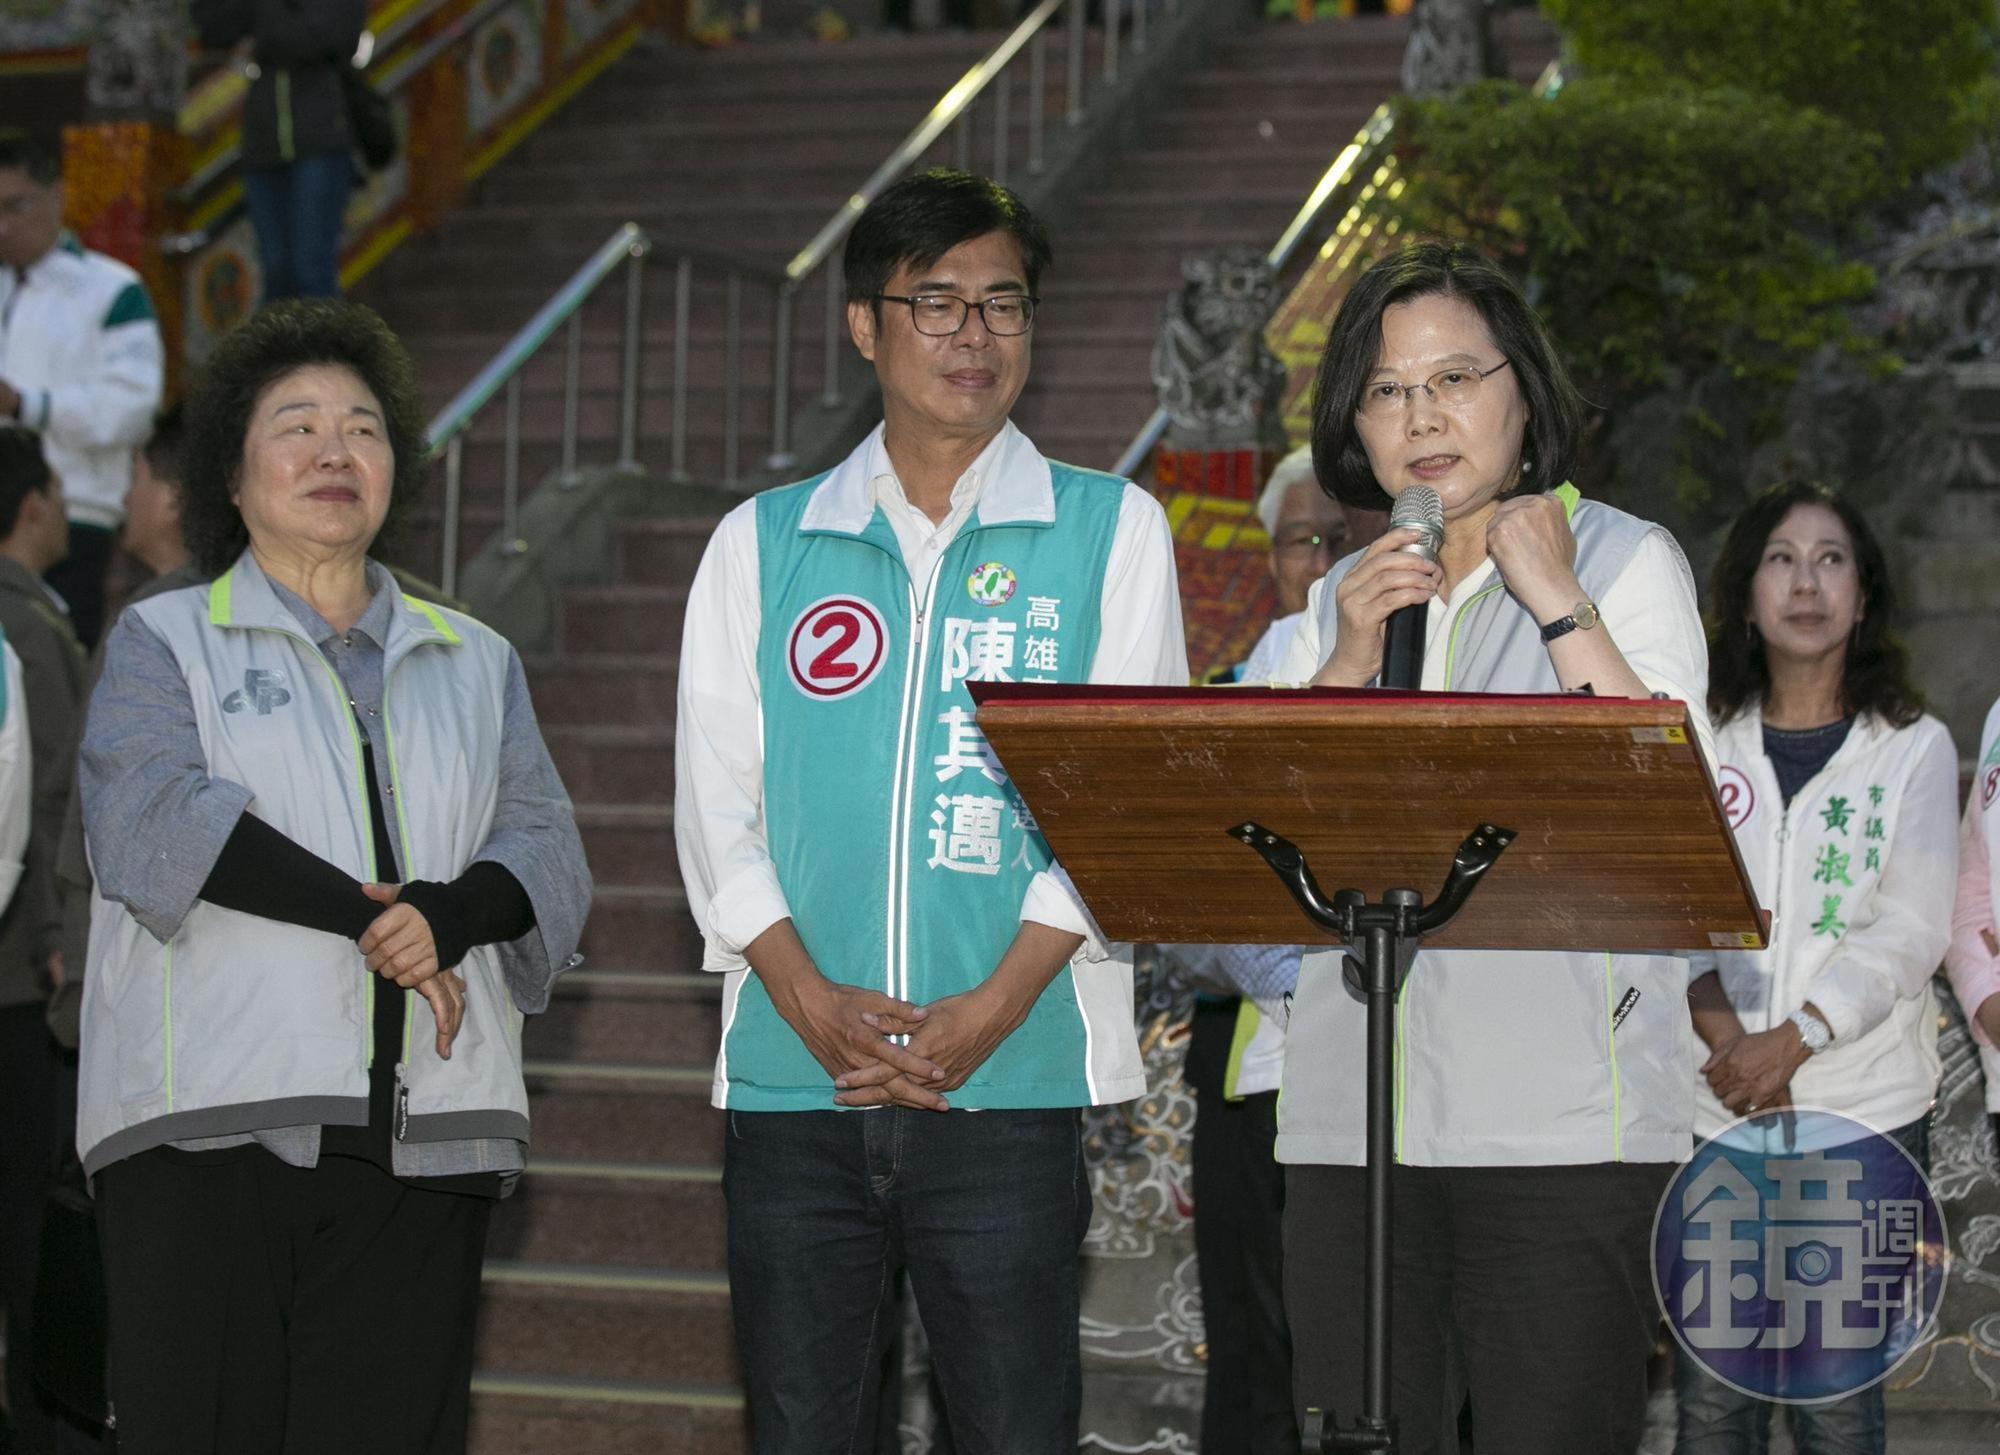 面對突然爆發的韓國瑜潮流,民進黨傾全力回防高雄,總統蔡英文(右)、總統府祕書長陳菊(左)數度南下輔選,但高雄仍綠地變藍天。